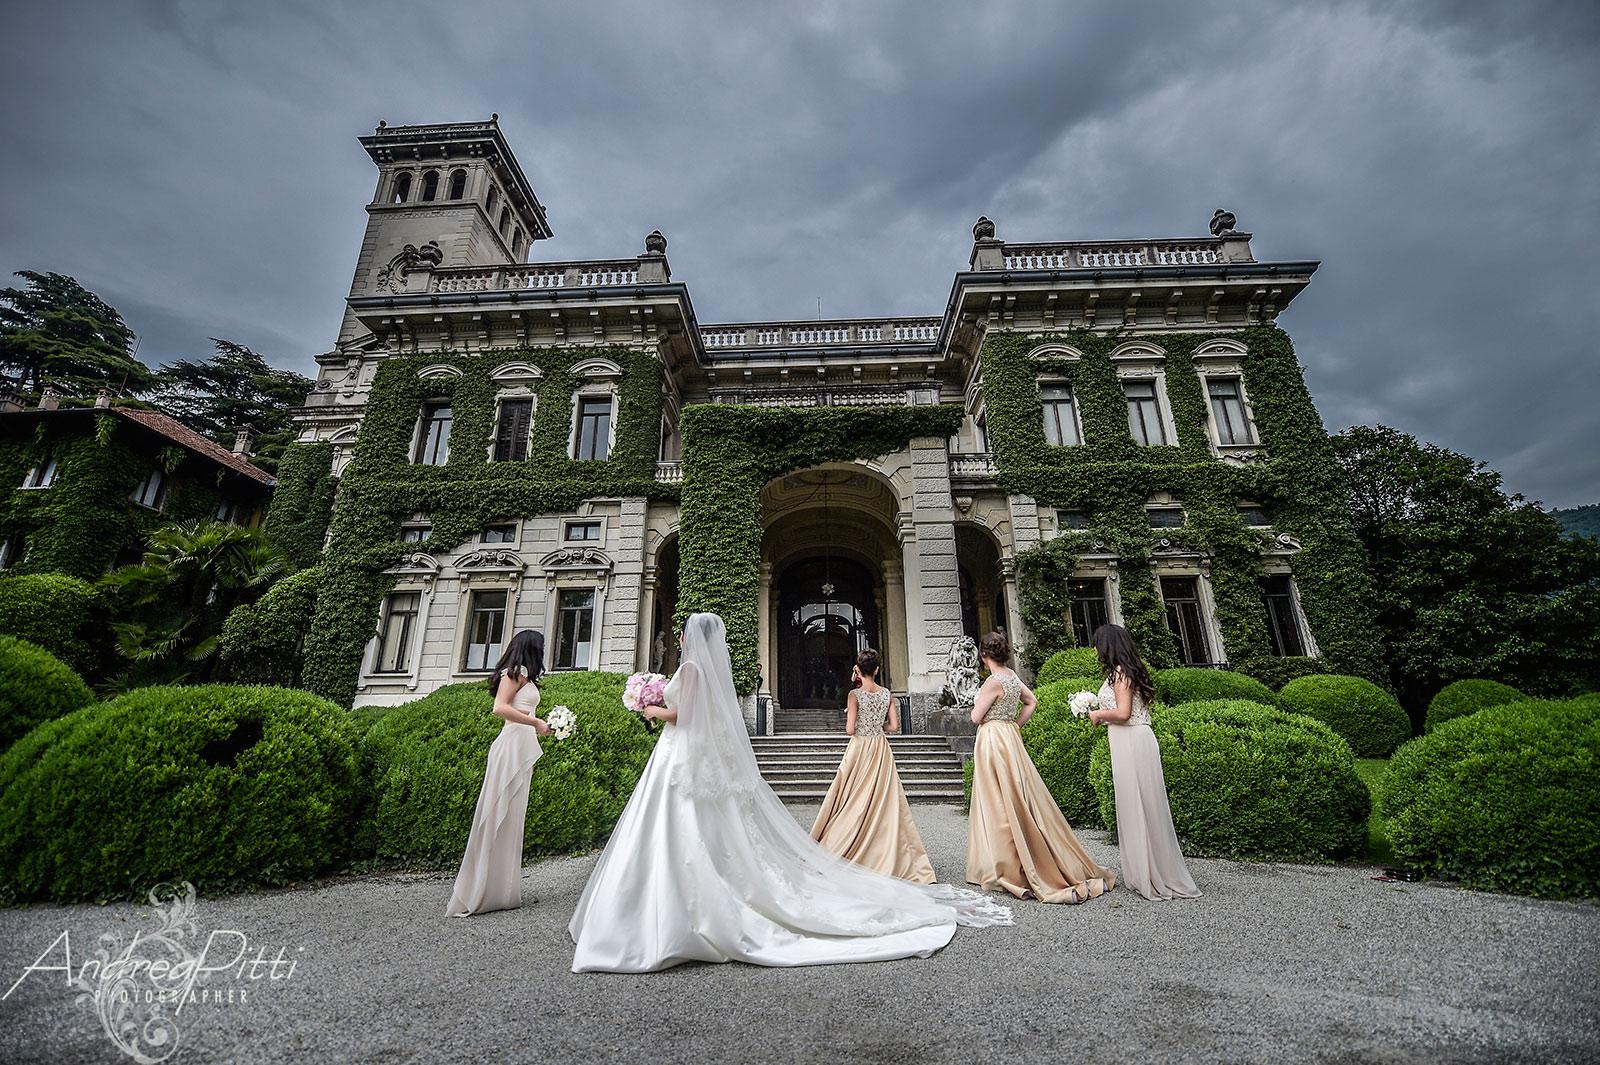 Wedding-photos-at-Villa-Erba-Como-Lake-043